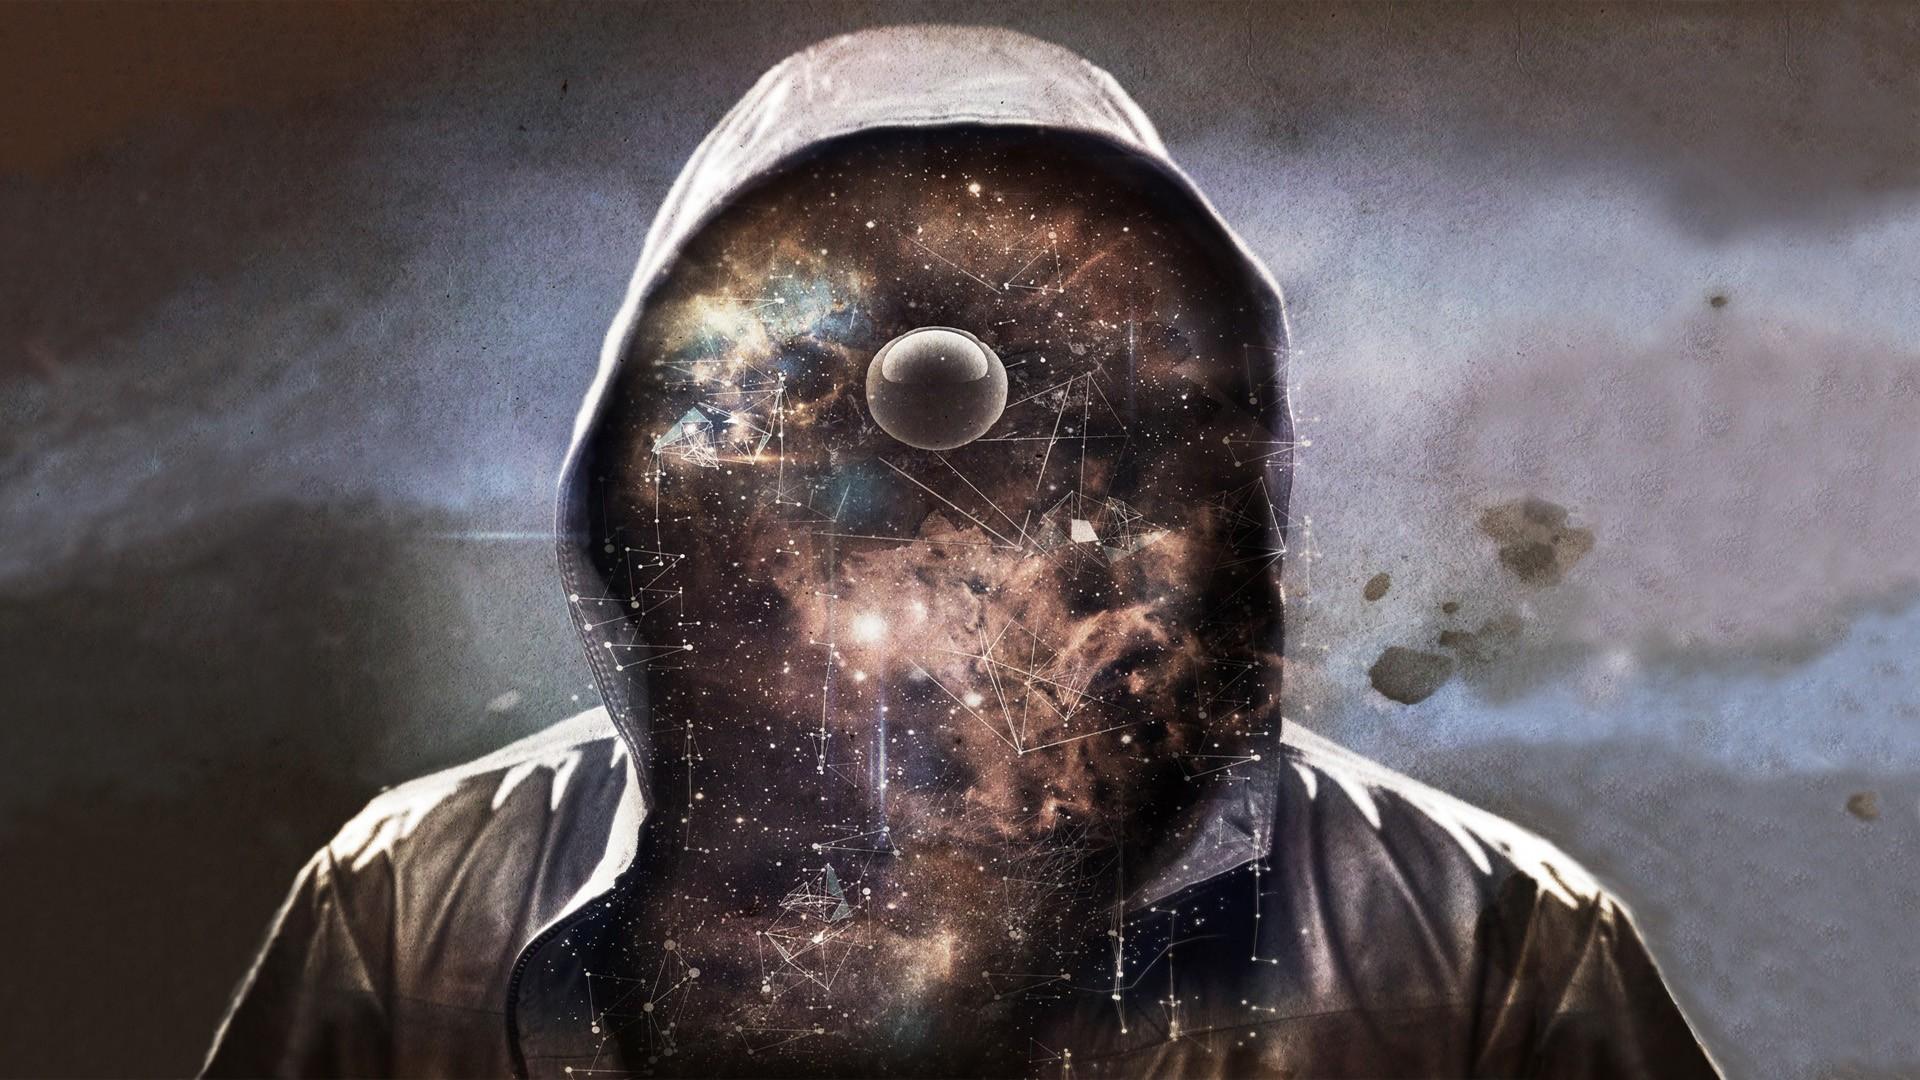 Retro Sci Fi Wallpaper - WallpaperSafari